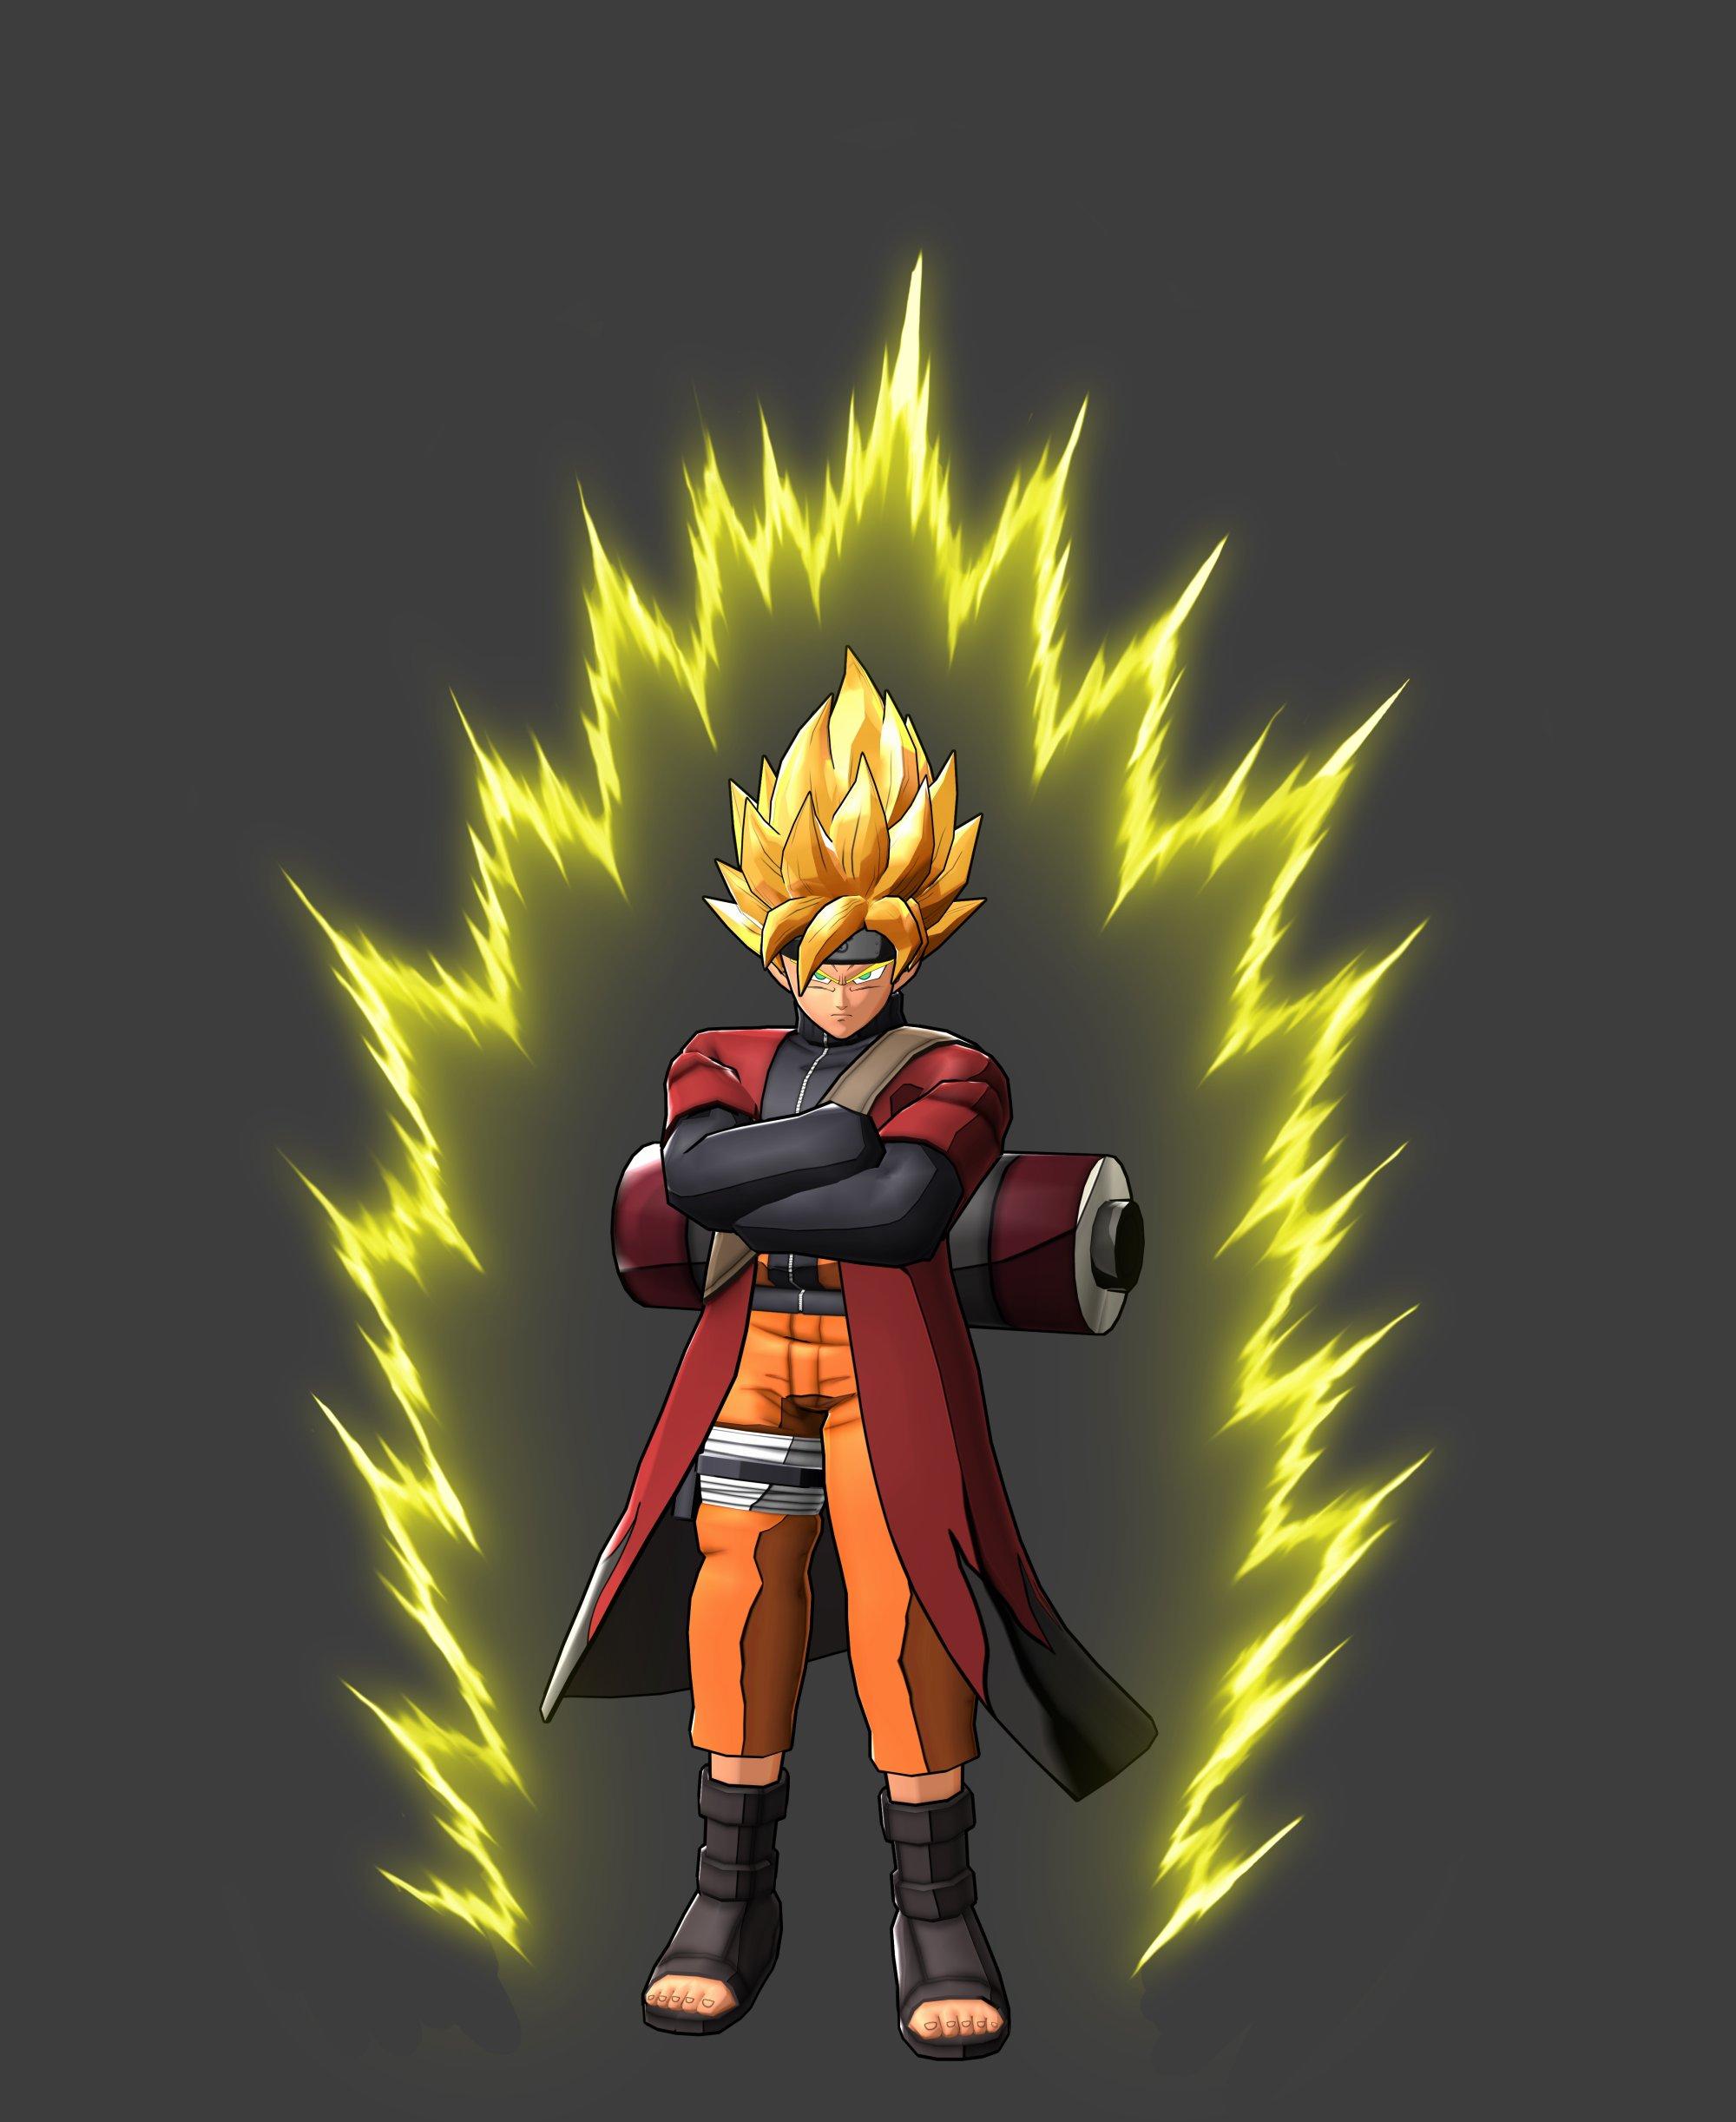 Der Naruto-Skin